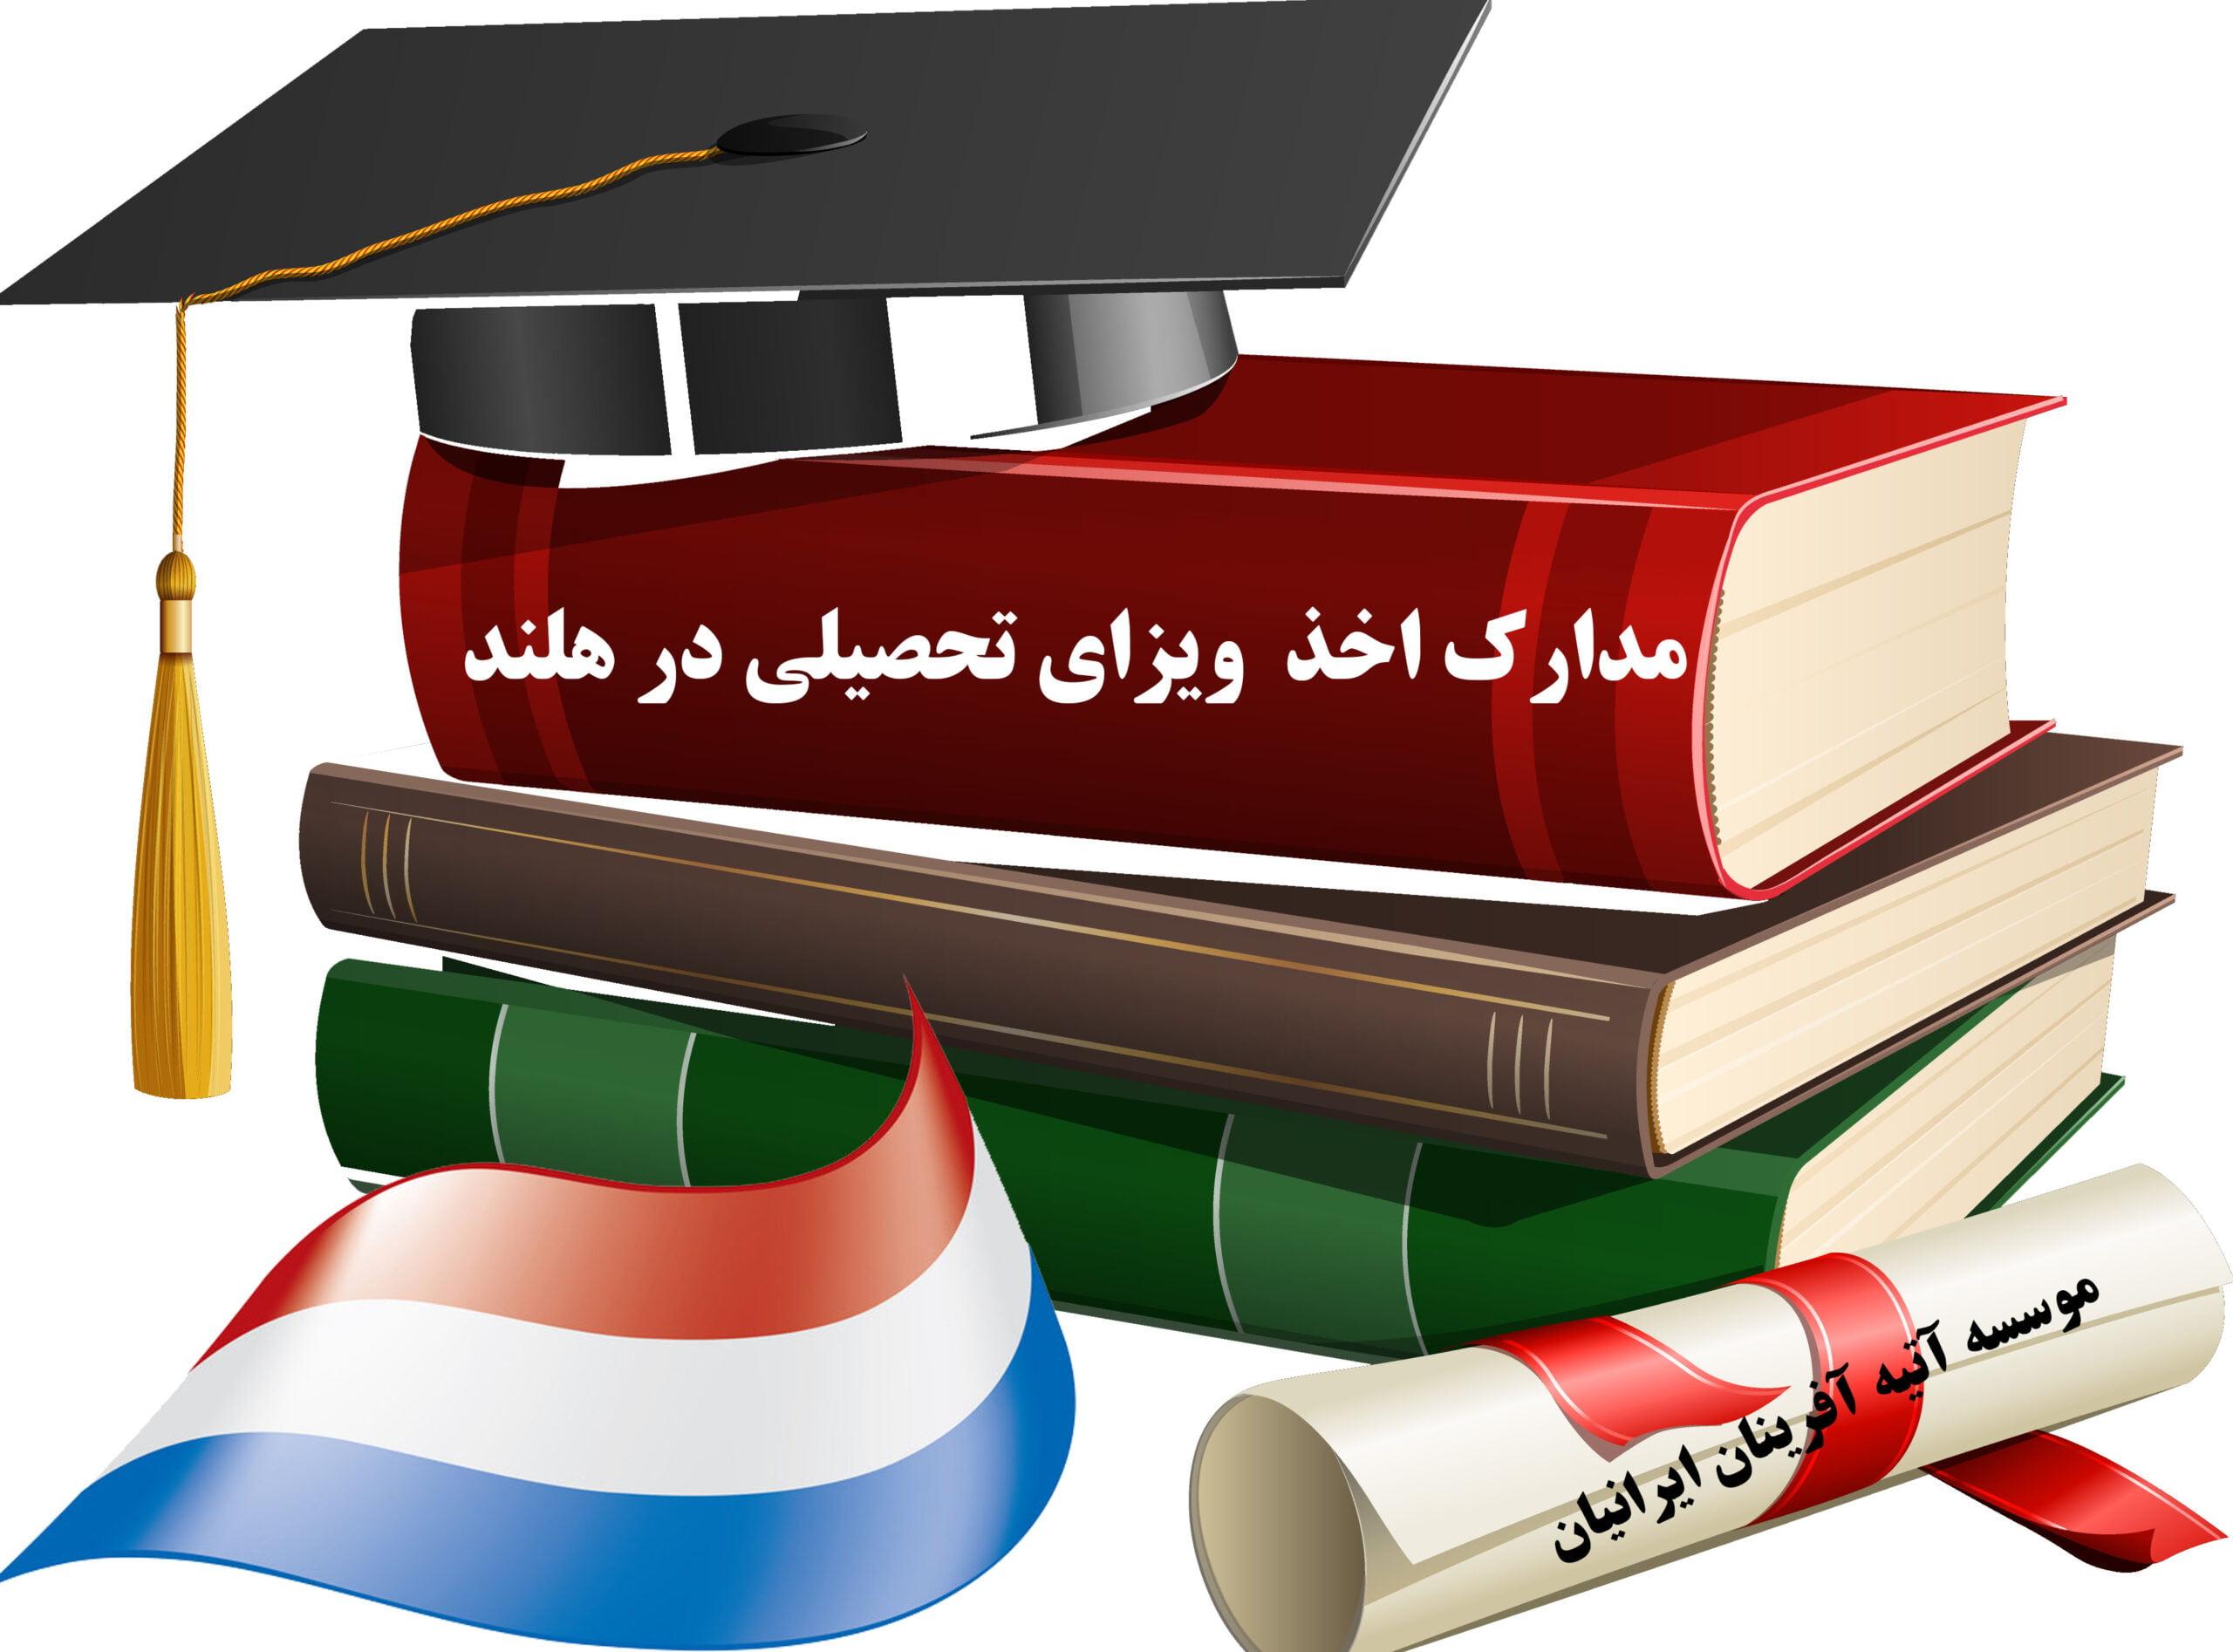 مدارک مورد نیاز برای اخذ ویزای تحصیلی هلند